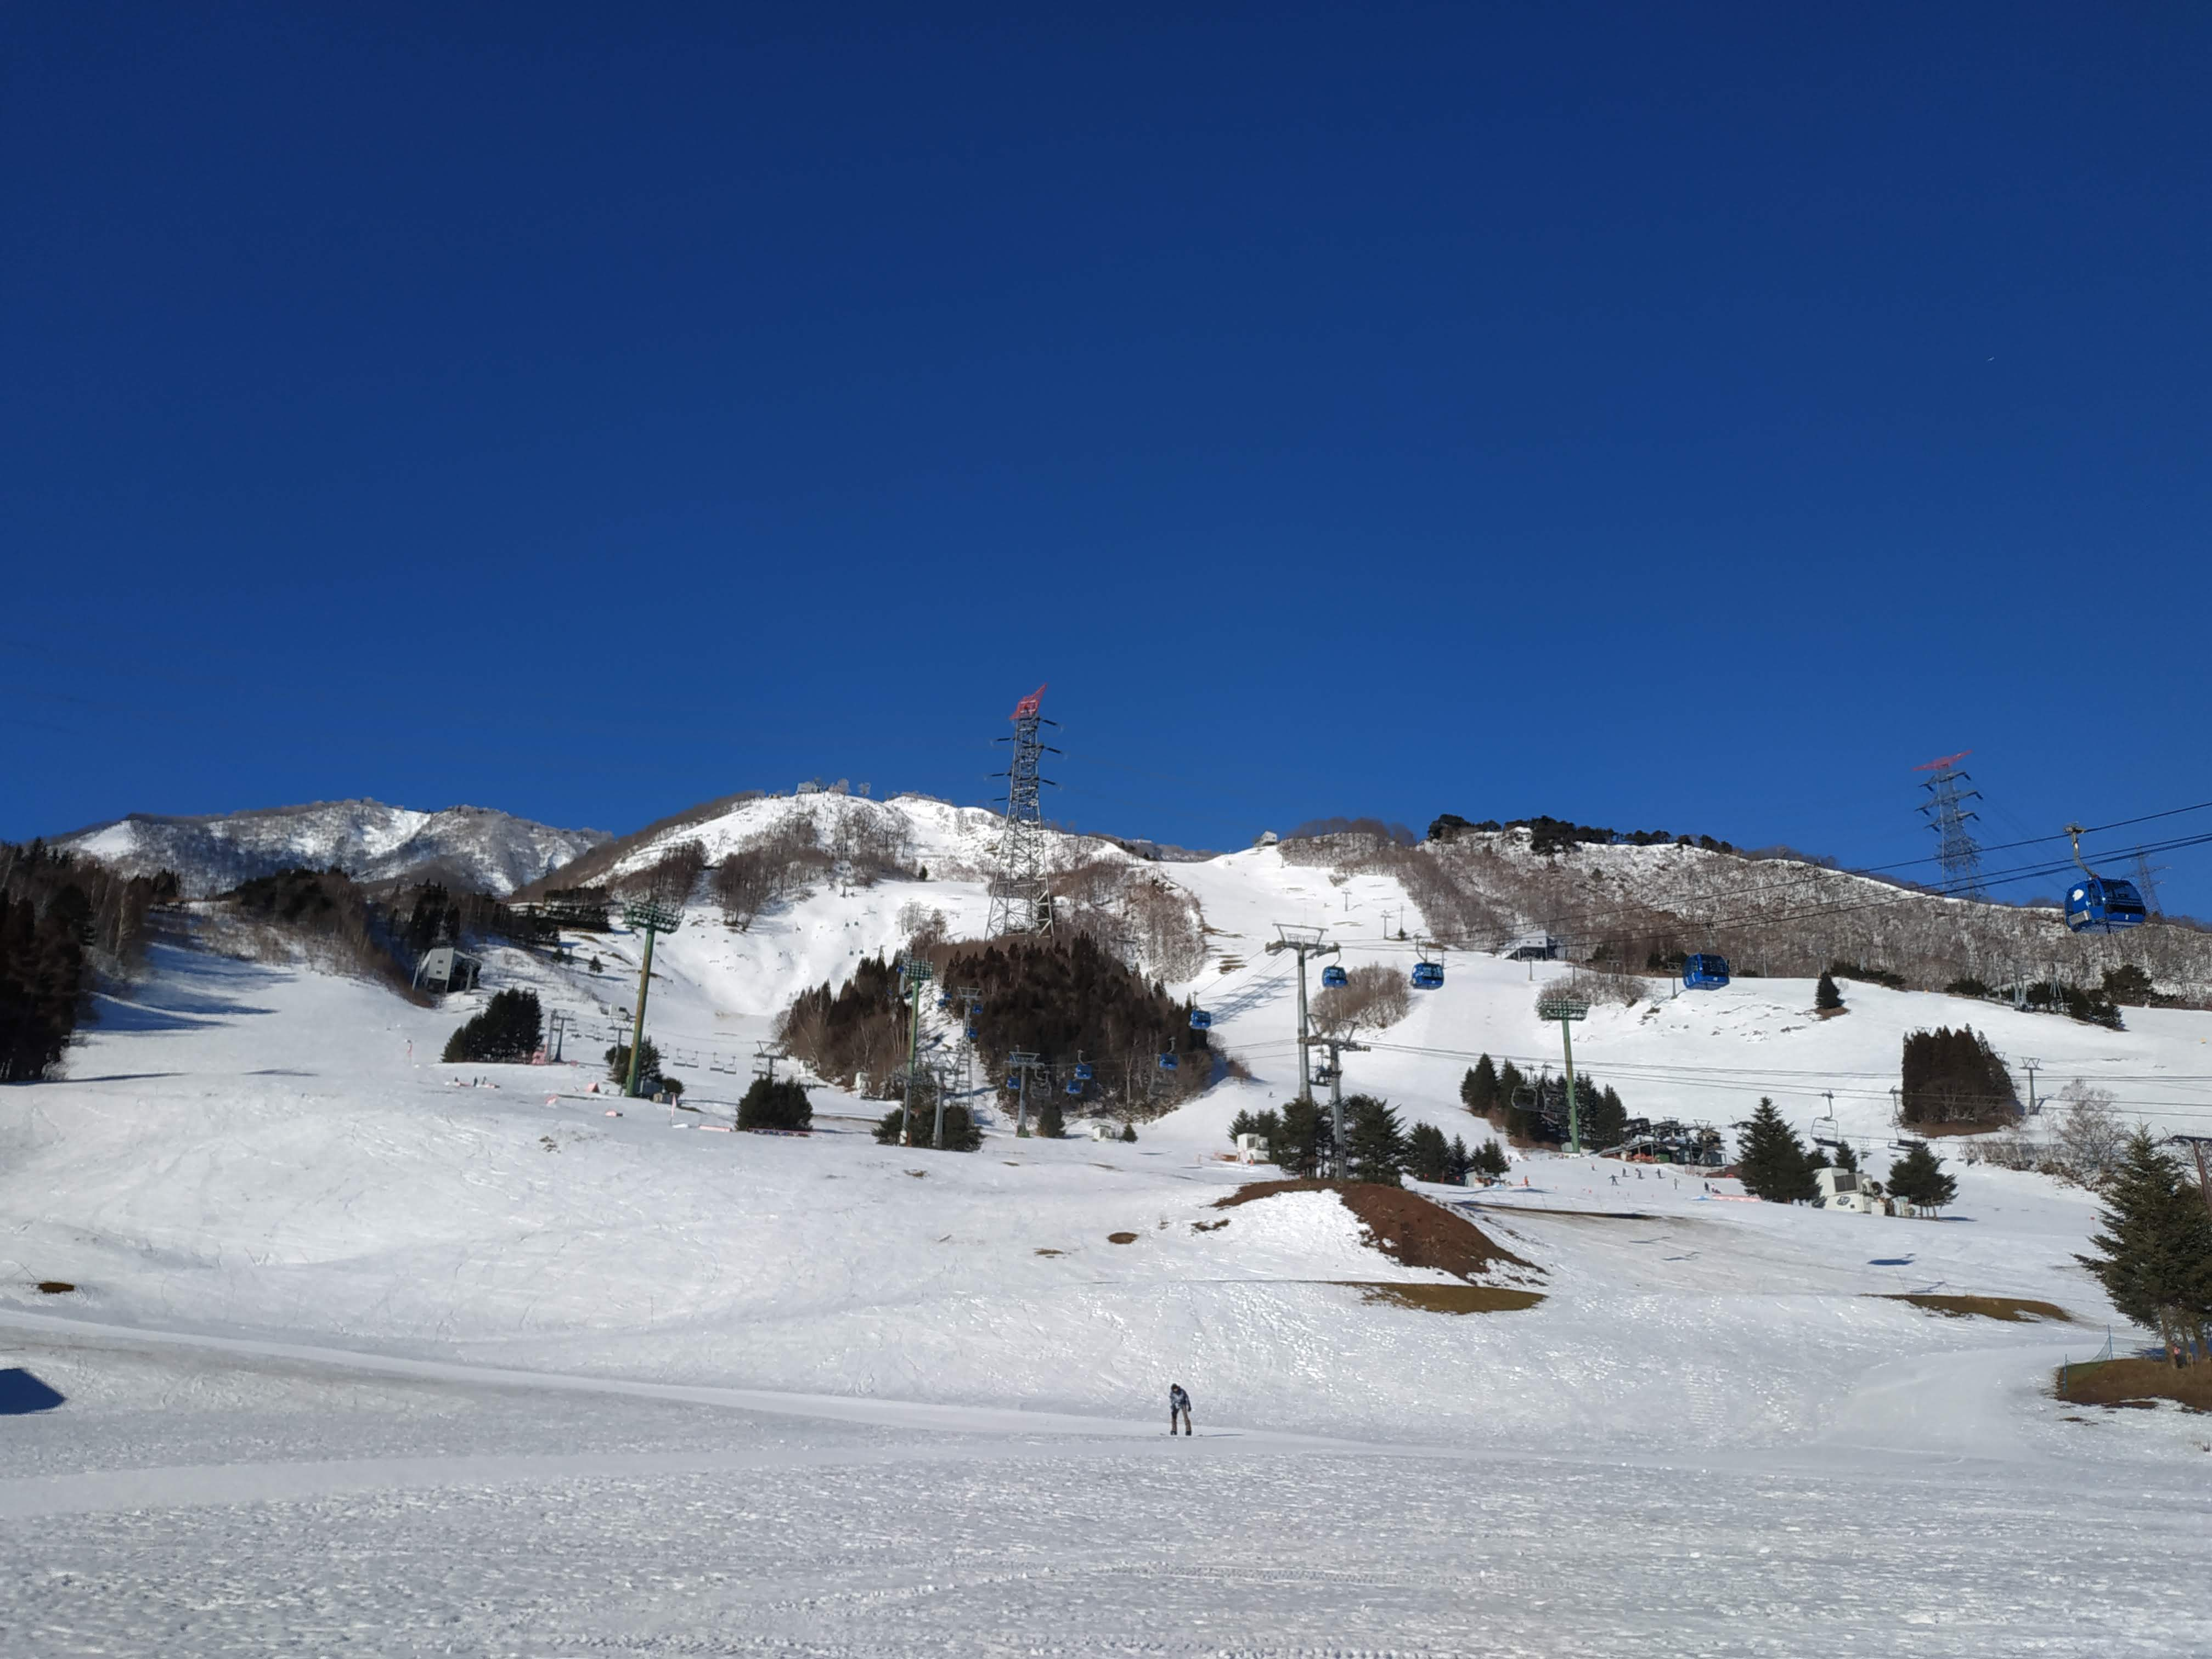 Naeba Ski Resort seen from the base